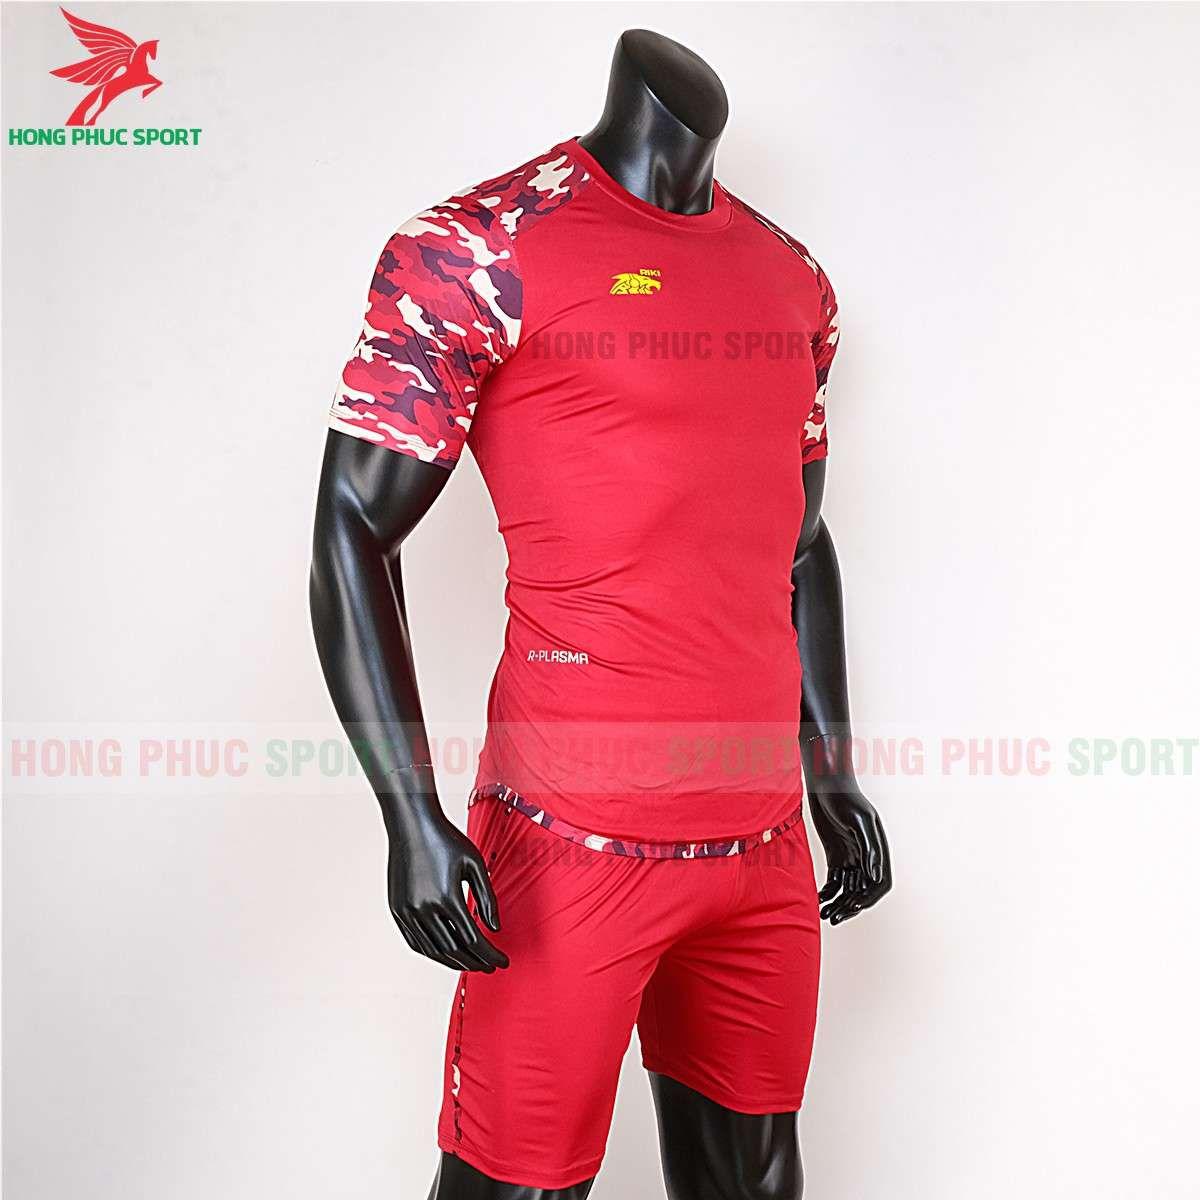 https://cdn.hongphucsport.com/unsafe/cdn.hongphucsport.com/dothethao.net.vn/wp-content/uploads/2020/02/ao-bong-da-khong-logo-riki-camor-do-1.jpg